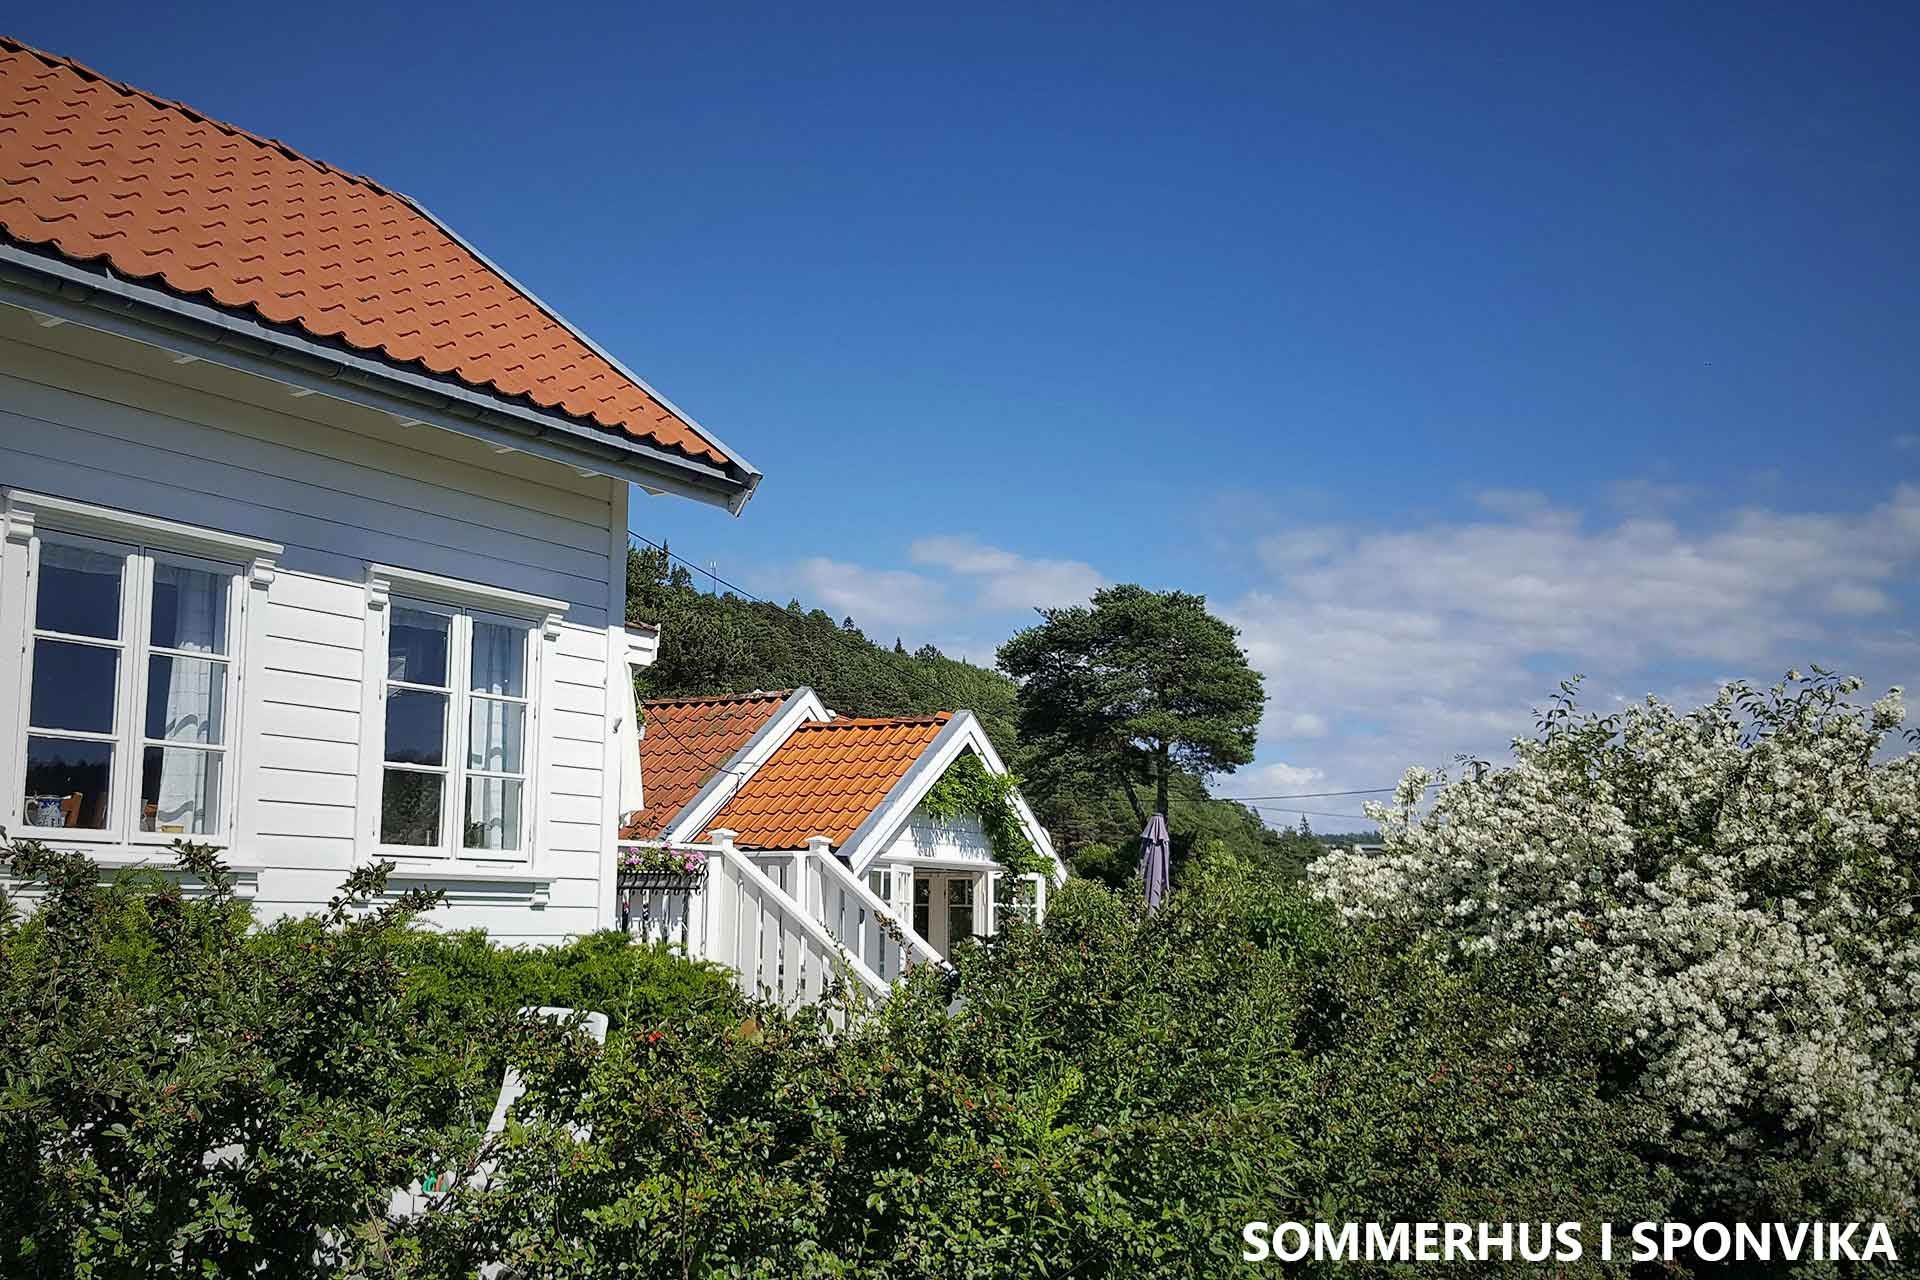 Sommerhus i Sponvika